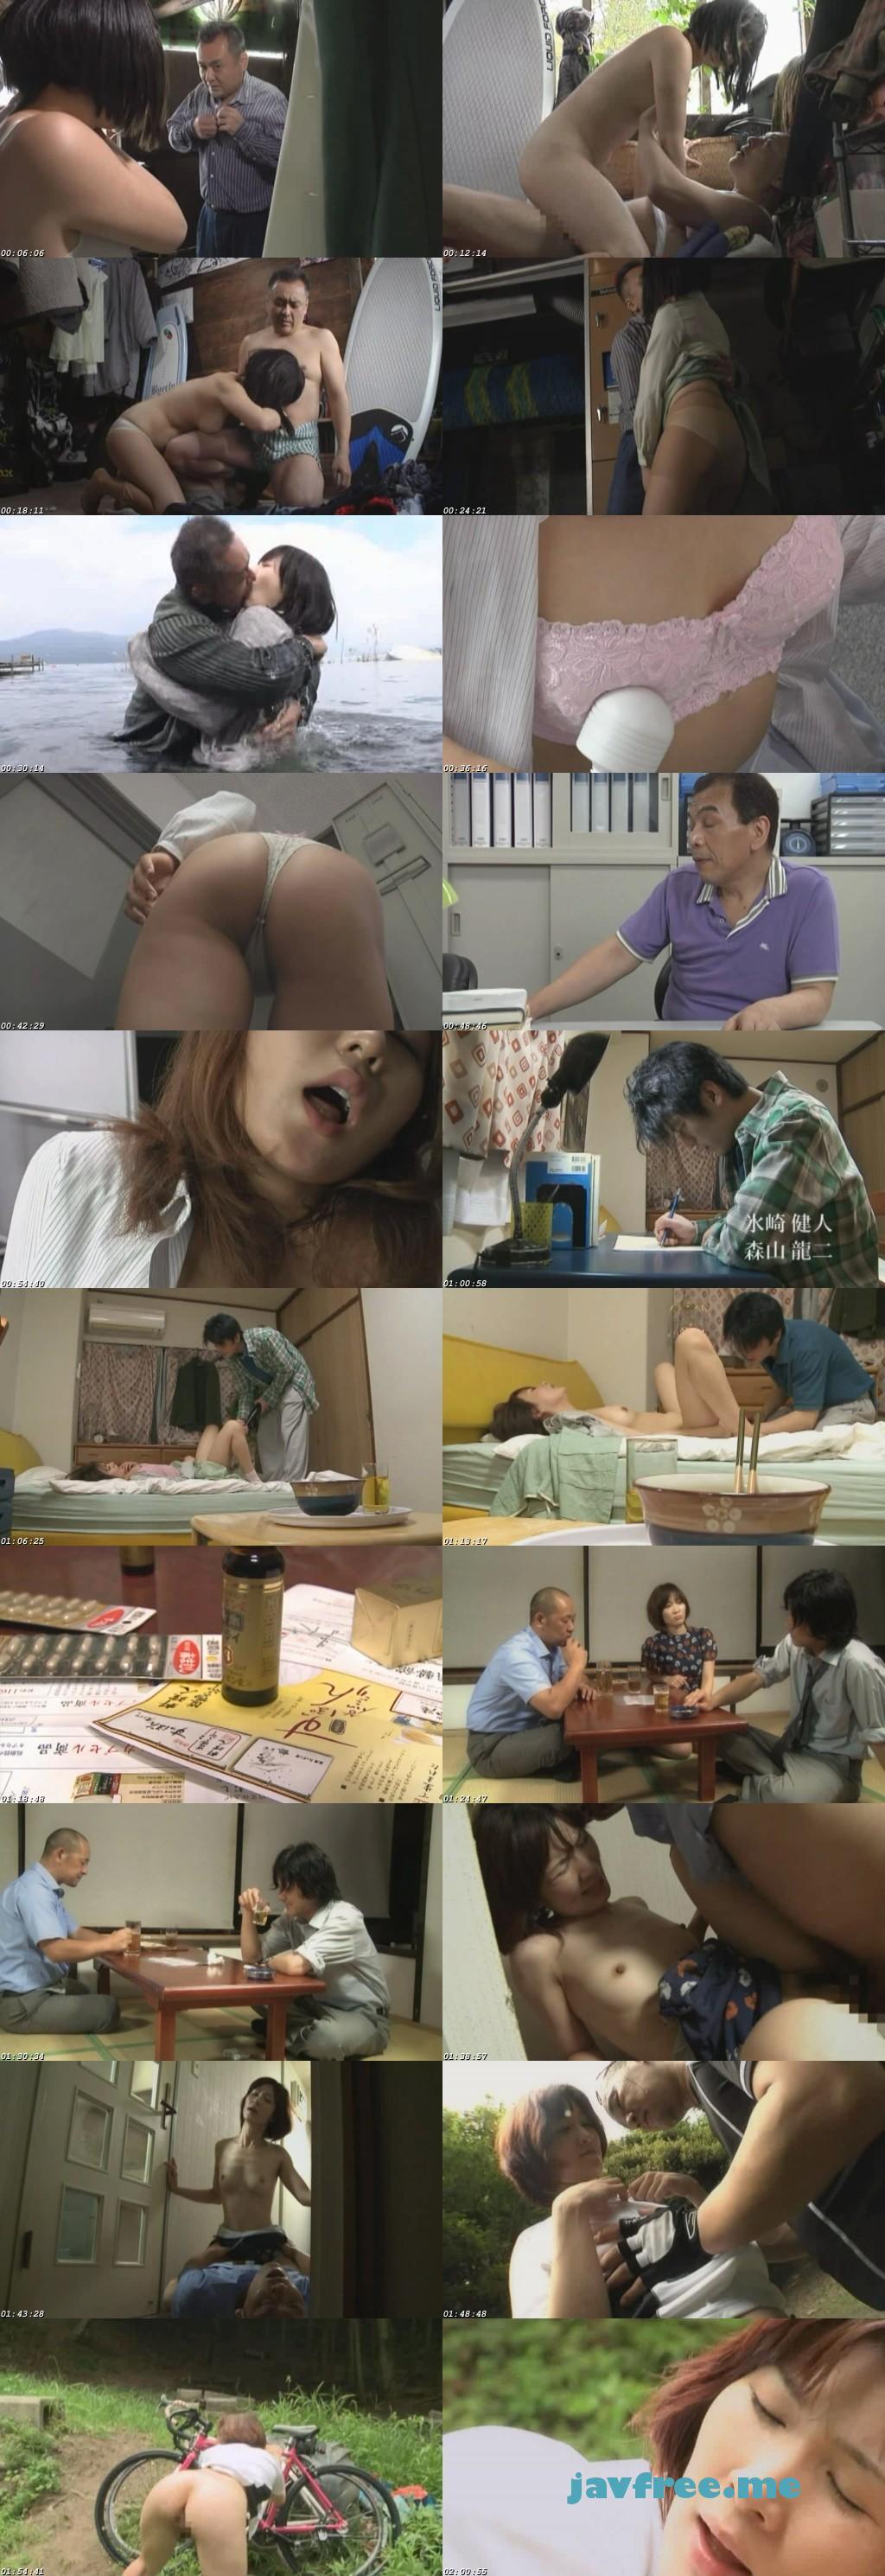 [RHTS 006] 弱ぃ女 美咲カエラ 柴咲みく 後藤美咲 後藤みさき 加納綾子 RHTS